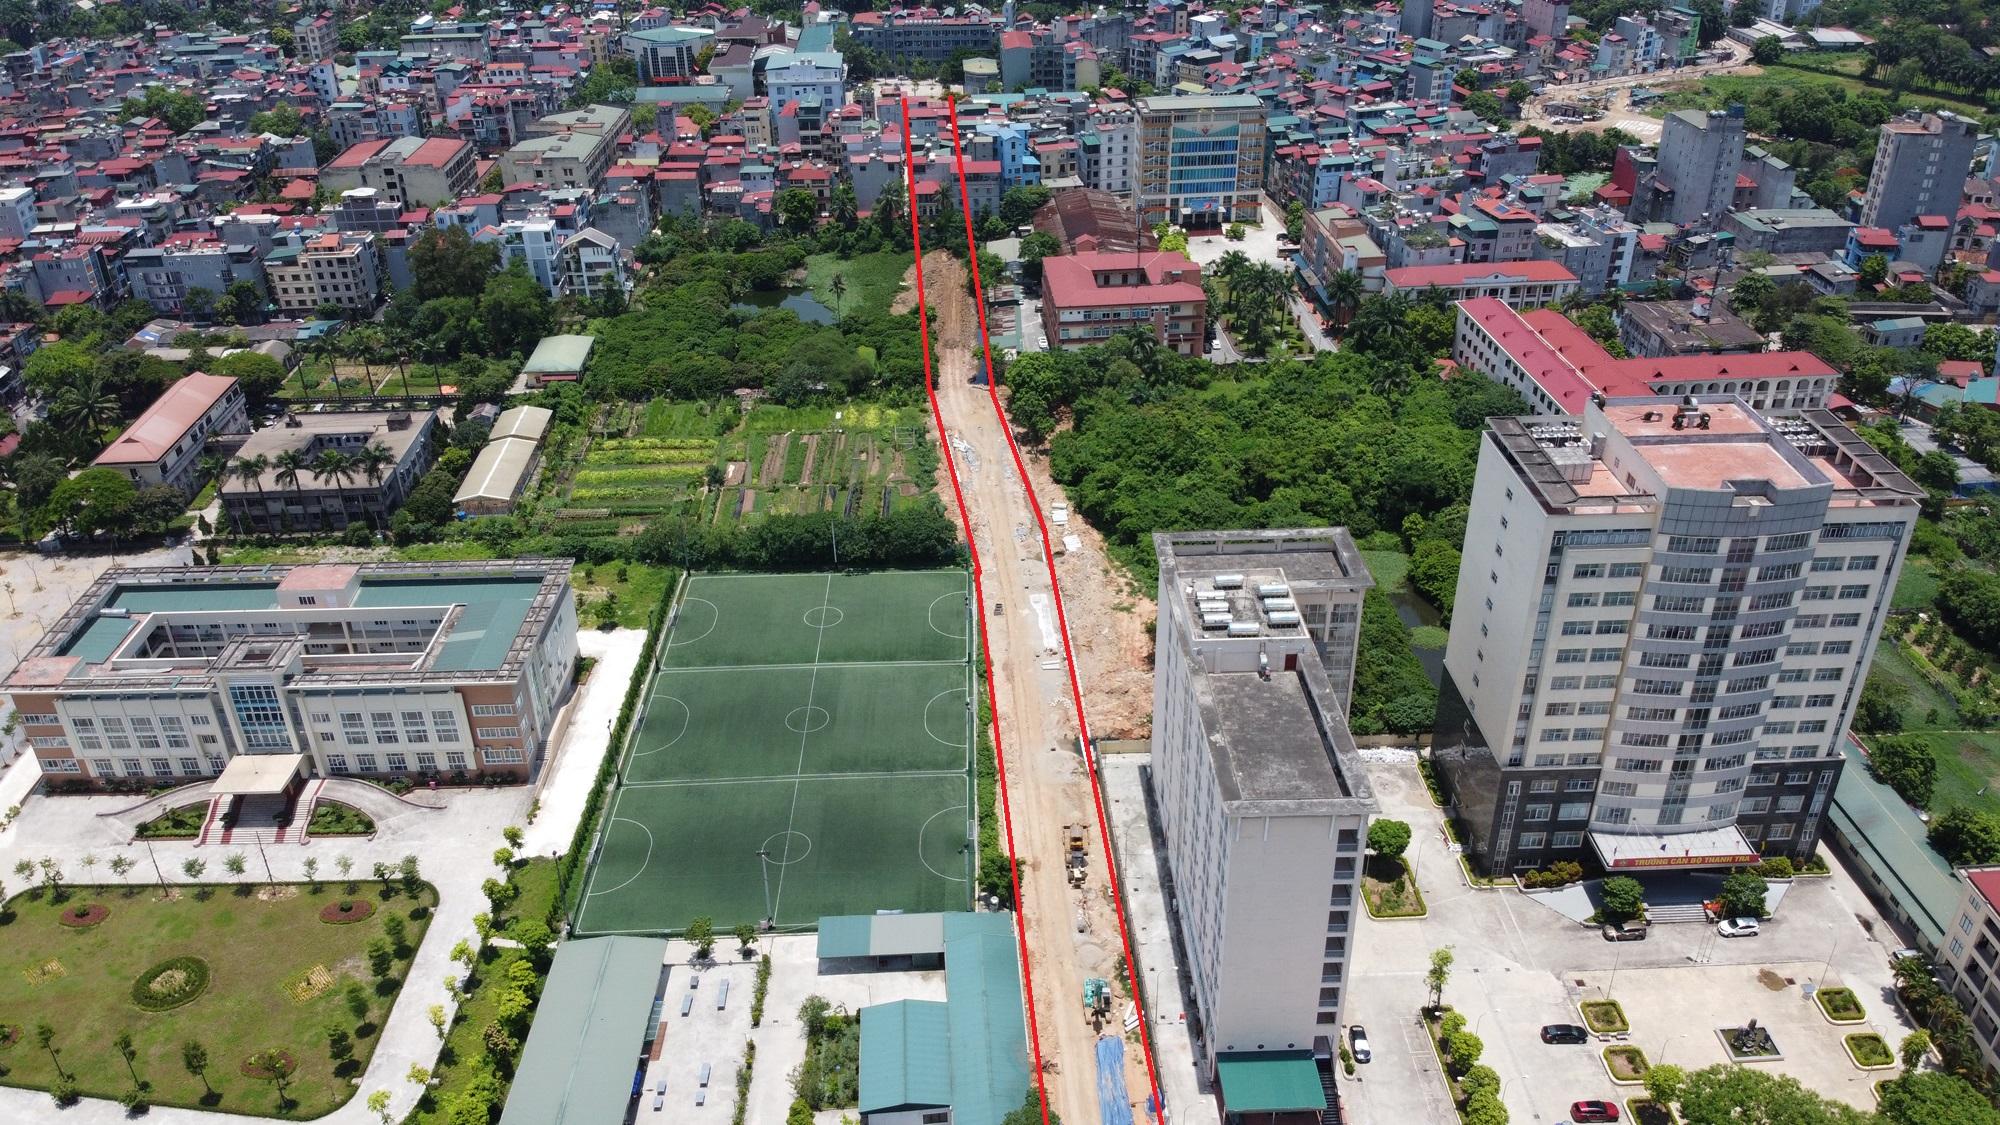 đường sẽ mở theo qui hoạch ở phường Đức Thắng, Bắc Từ Liêm, Hà Nội - Ảnh 7.